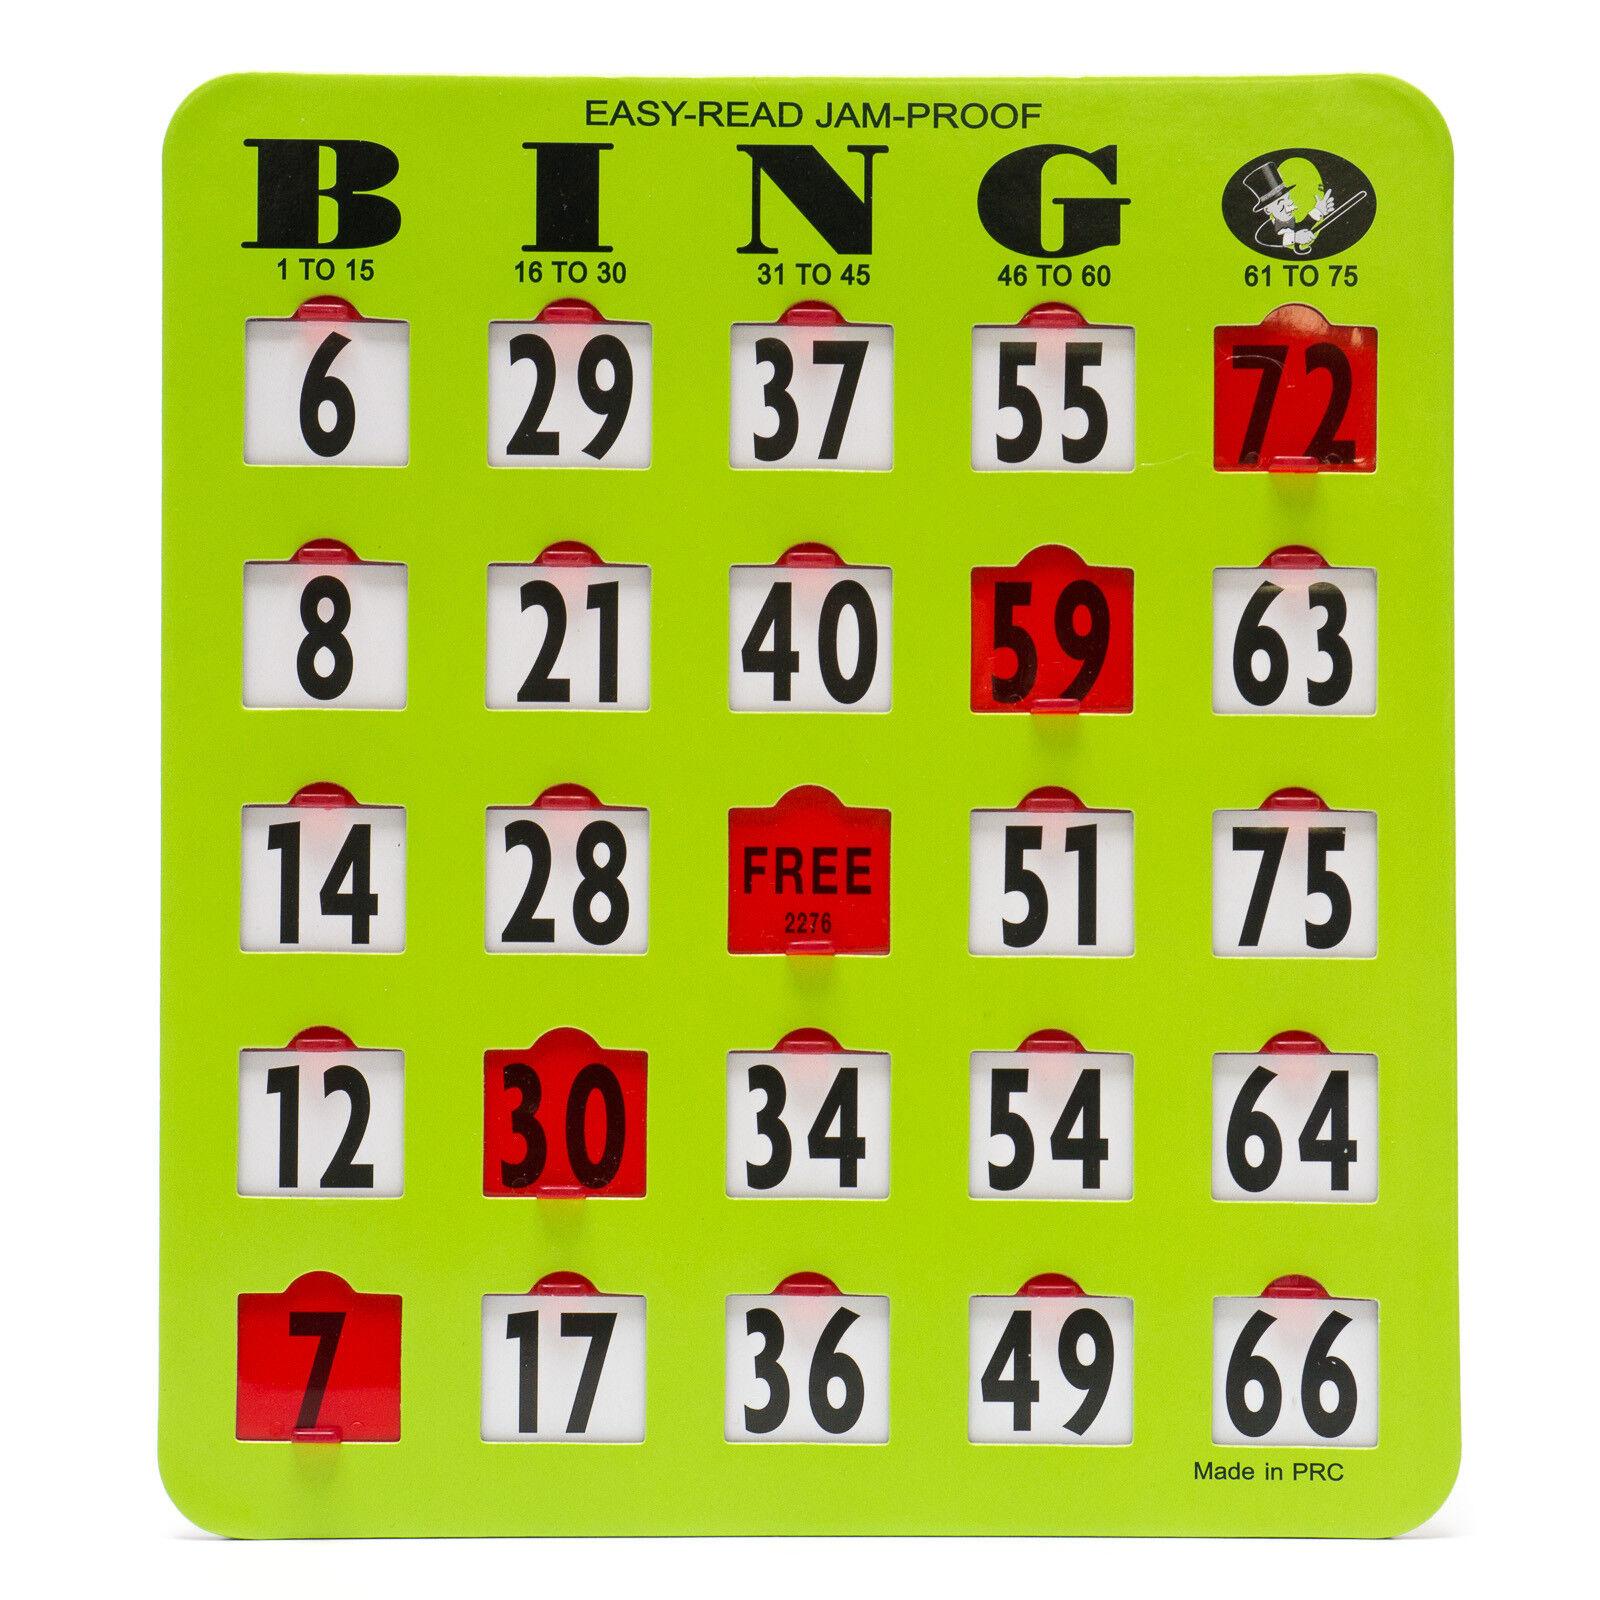 50 verde Bingo fácil leer Jumbo obturador tobogán de 8  X 9  Tarjetas-artículo Cg